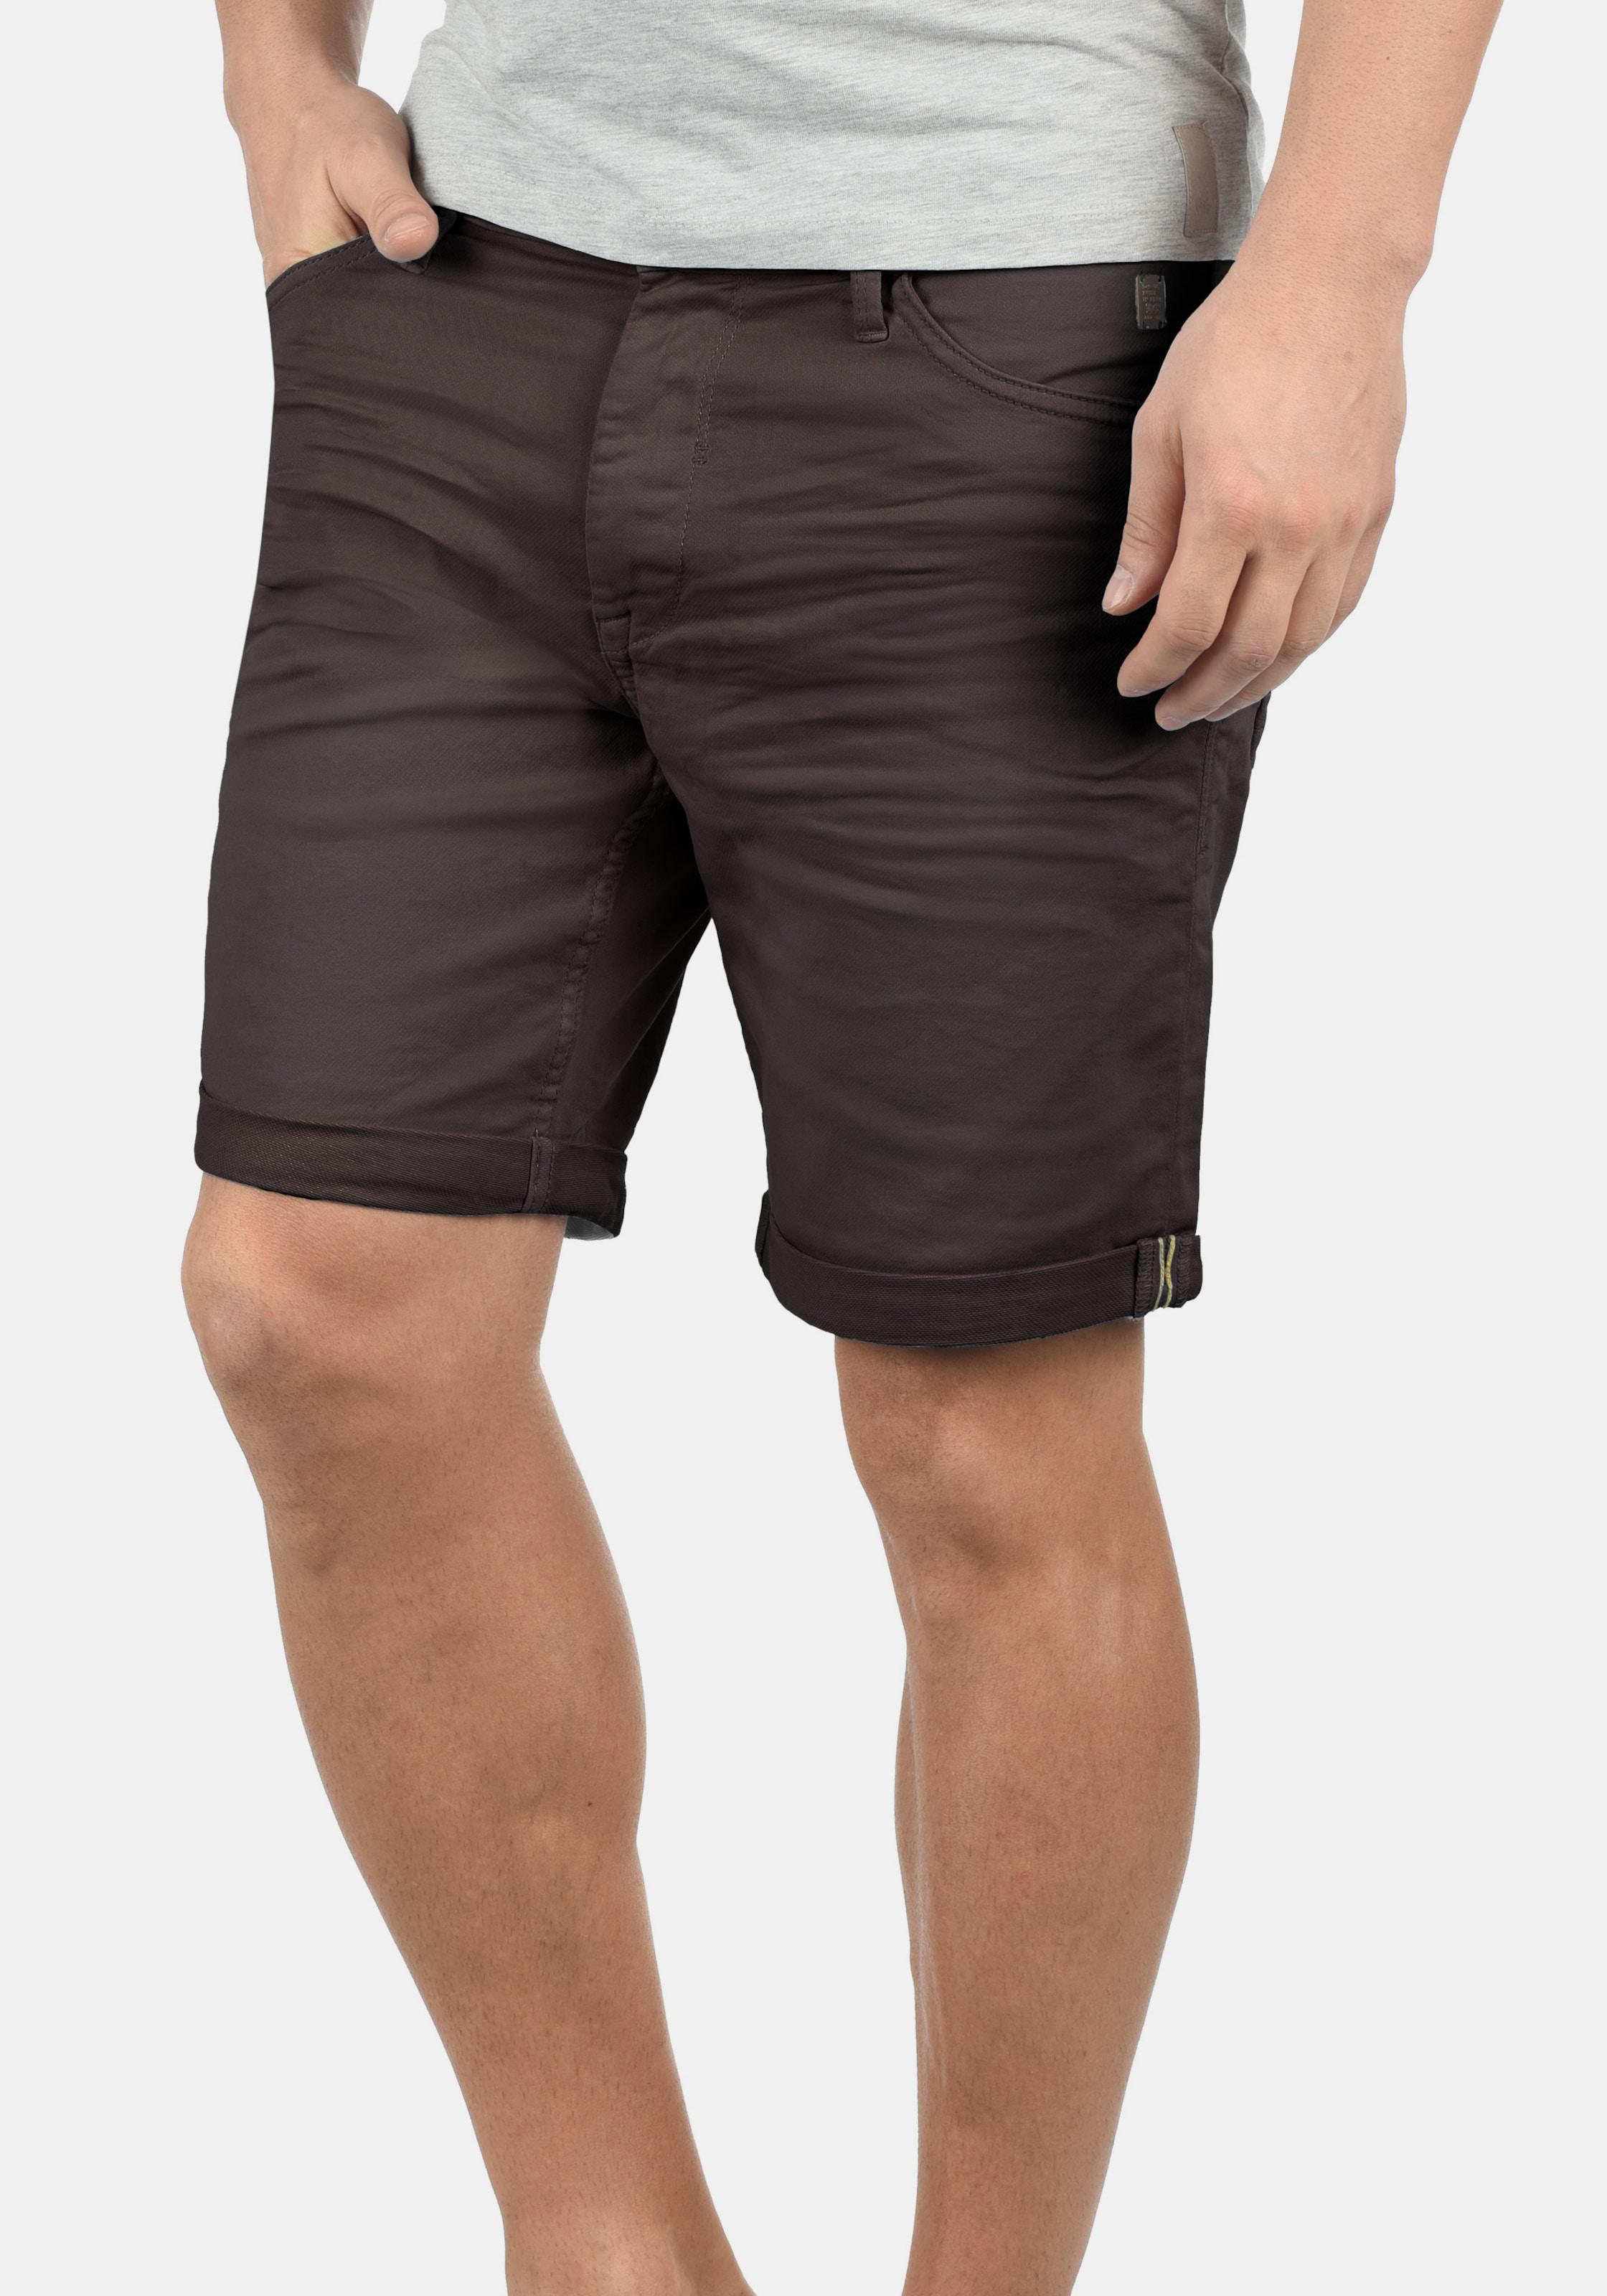 'diego' Blend Jeansshorts In 'diego' Braun Jeansshorts Blend cARq543LSj